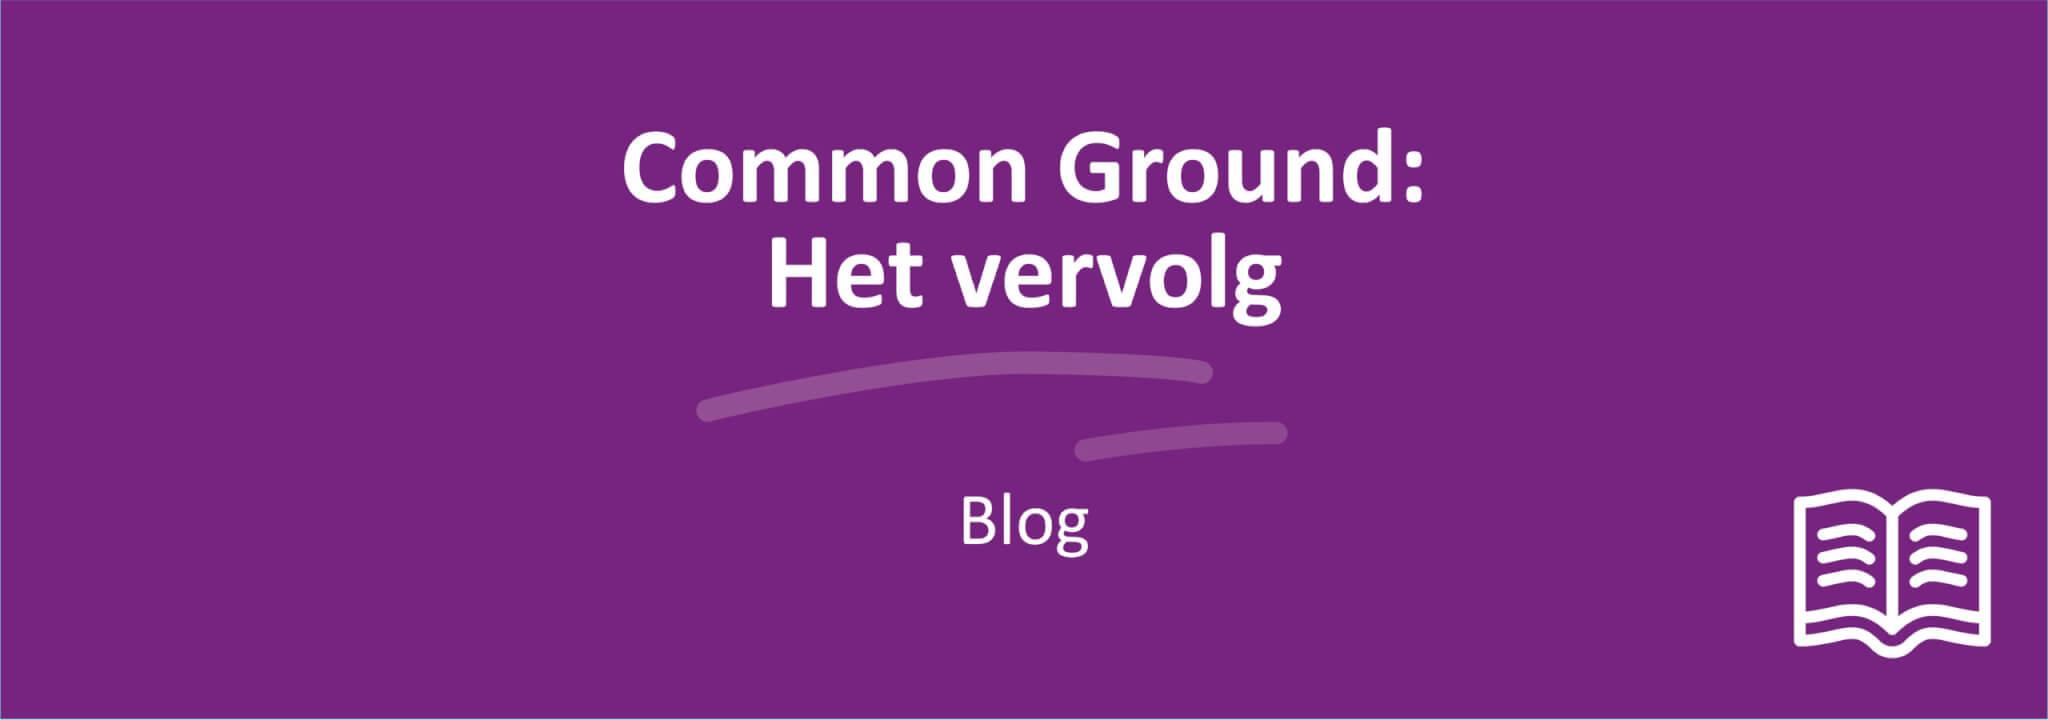 Common ground Vervolg Image